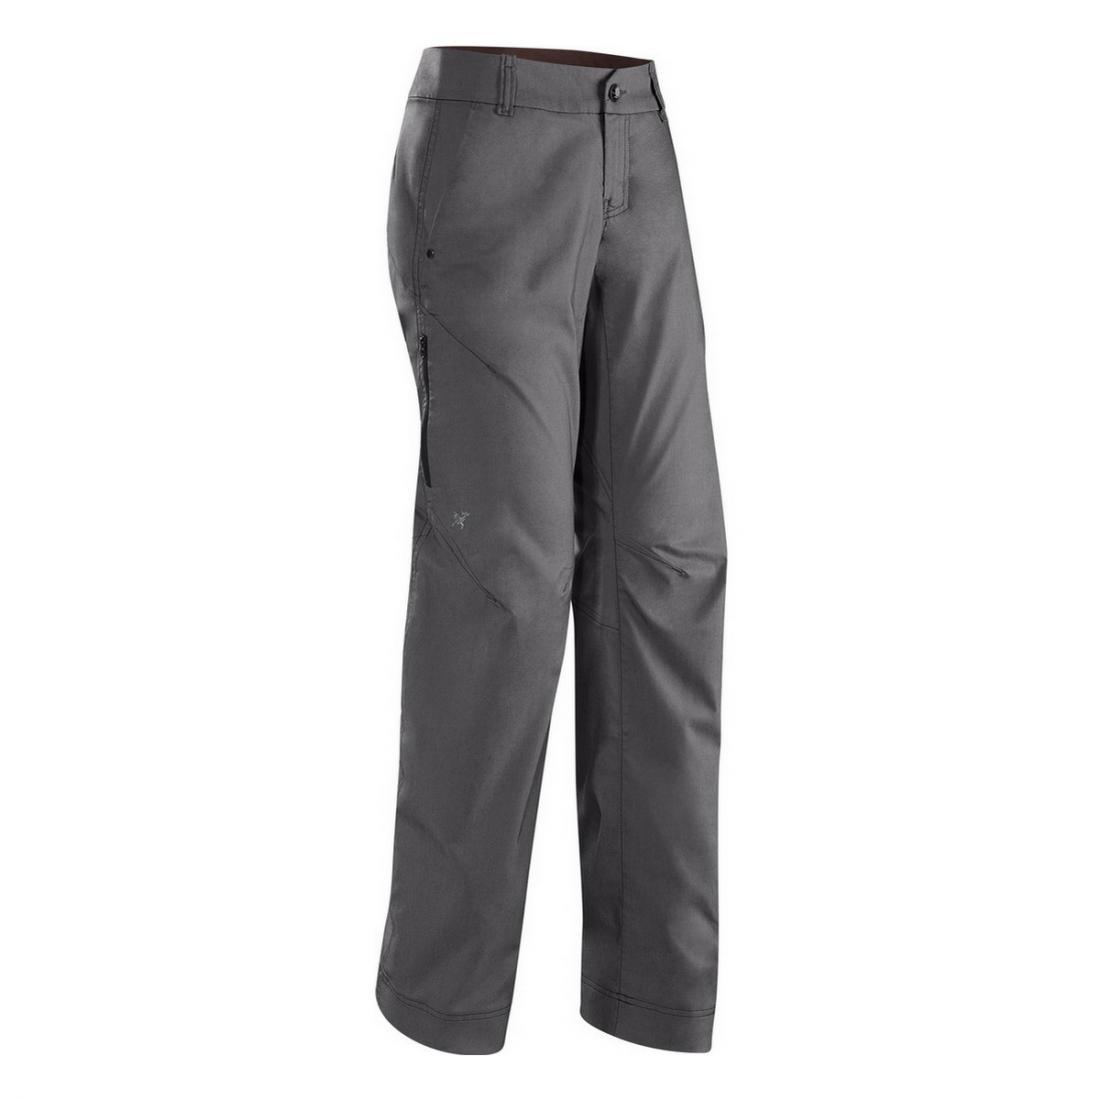 Брюки A2B Commuter Pant жен.Брюки, штаны<br><br><br><br> Женские брюки Arcteryx A2B Commuter Pant Womens – идеальный вариант для велосипедисток, а также они подходят для путешествий и повседневной нос...<br><br>Цвет: Серый<br>Размер: 8